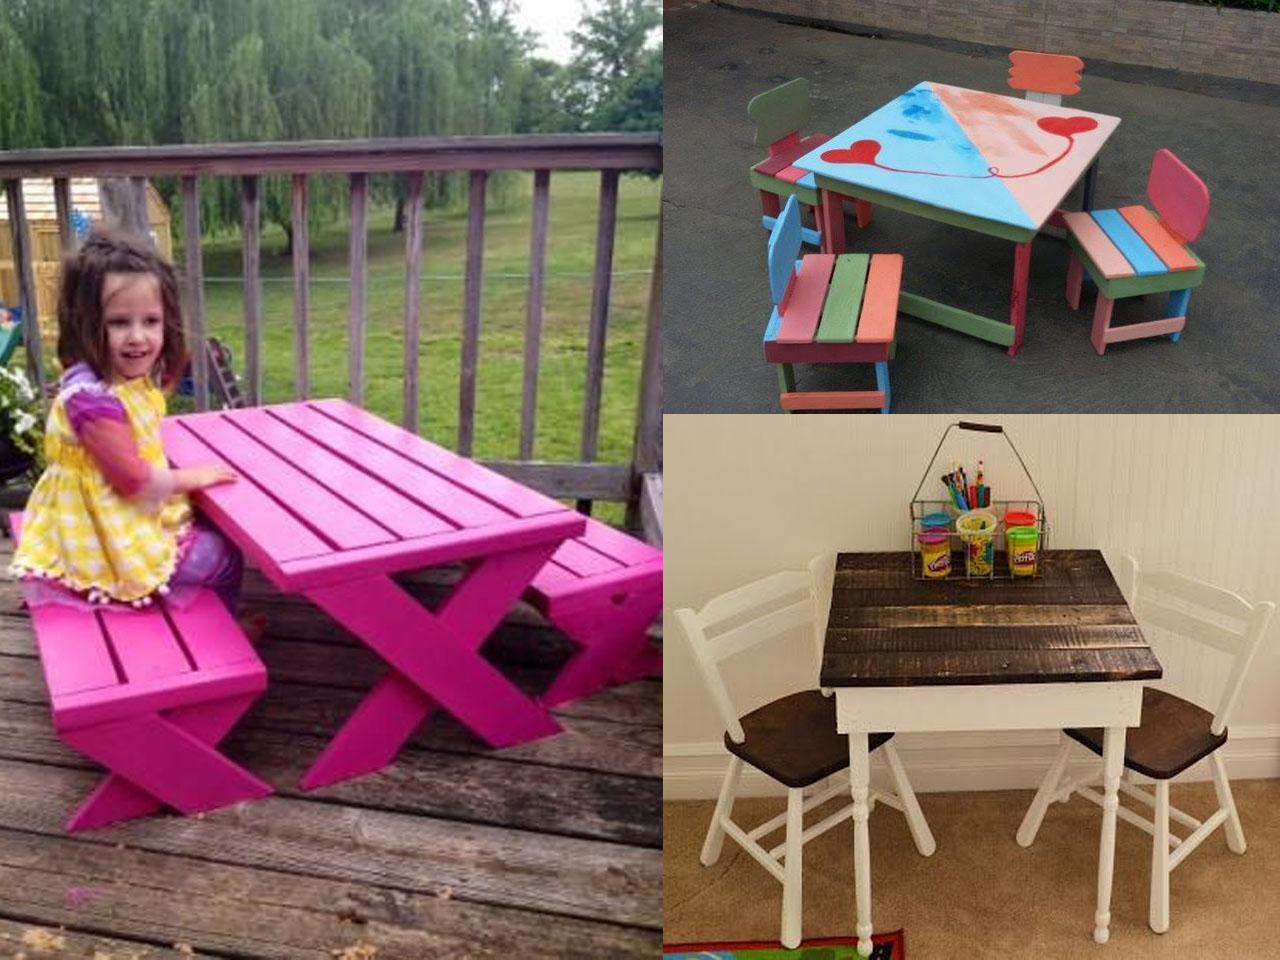 Las casas de palets para ni os m s divertidas for Casa de juguetes para jardin